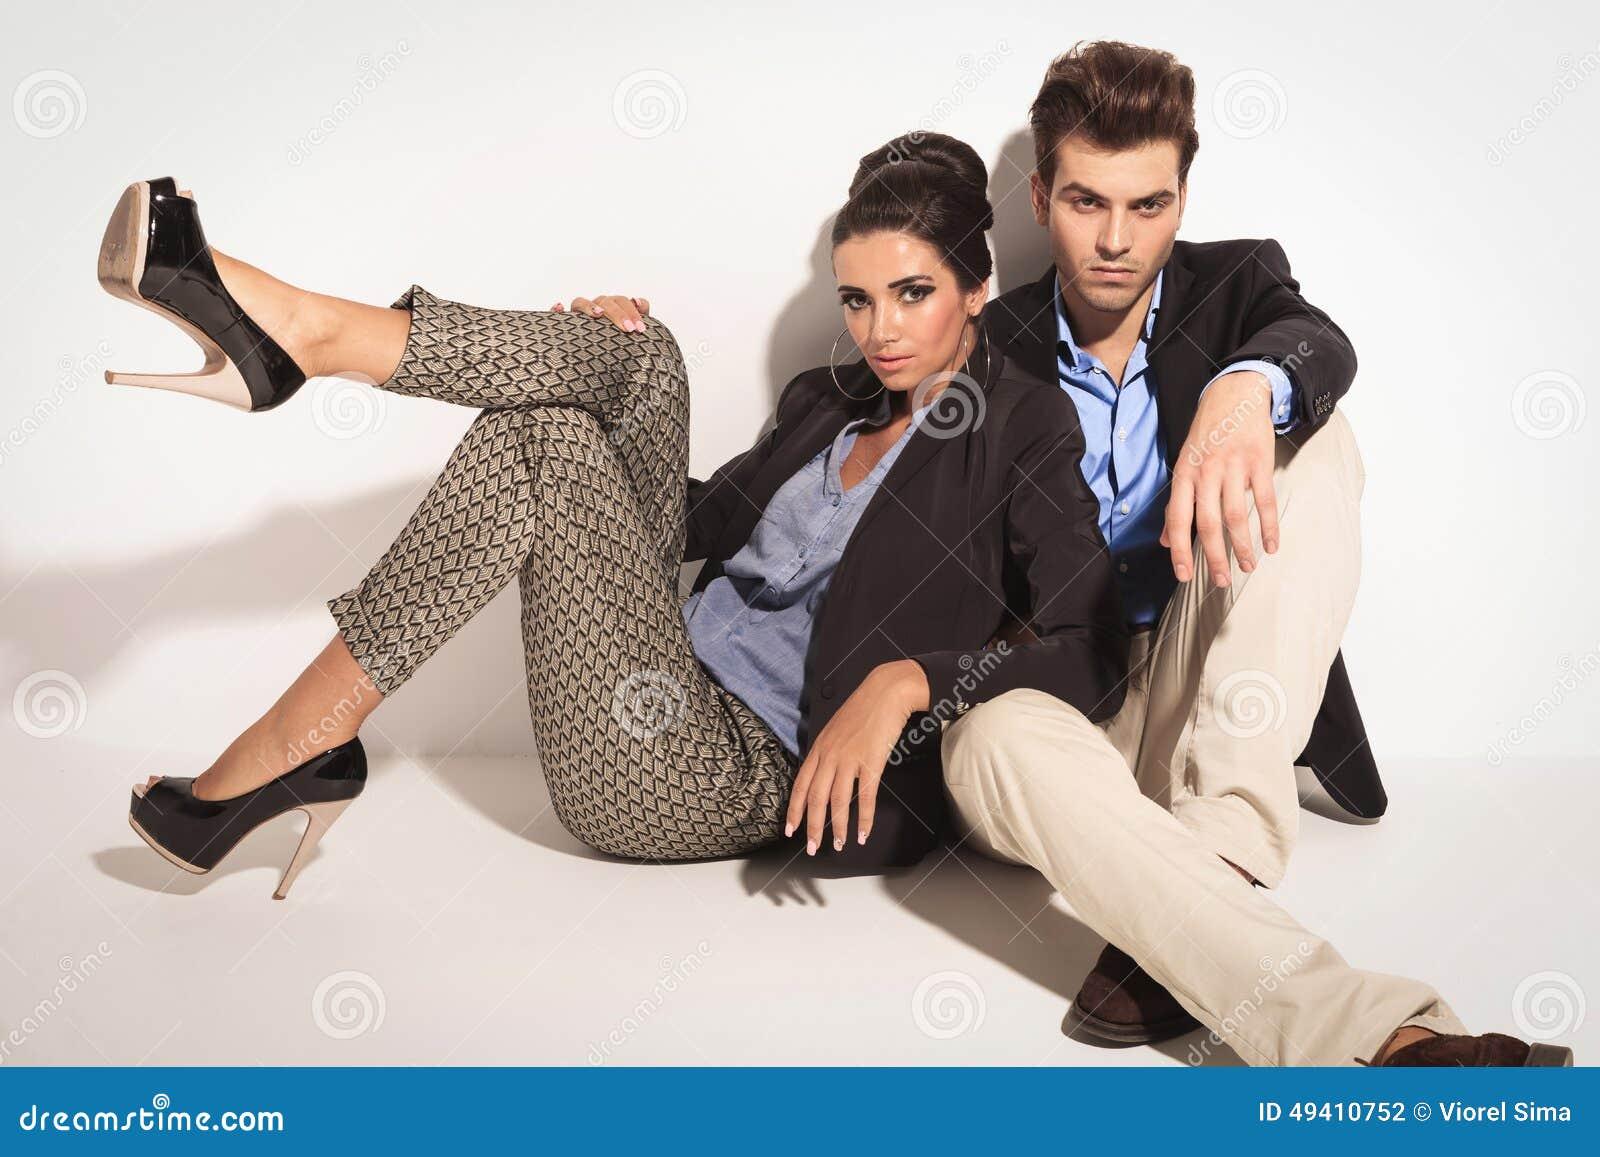 Download Zufälliger Mann, Der Auf Dem Boden Mit Seiner Freundin Sitzt Stockfoto - Bild von hoch, nett: 49410752